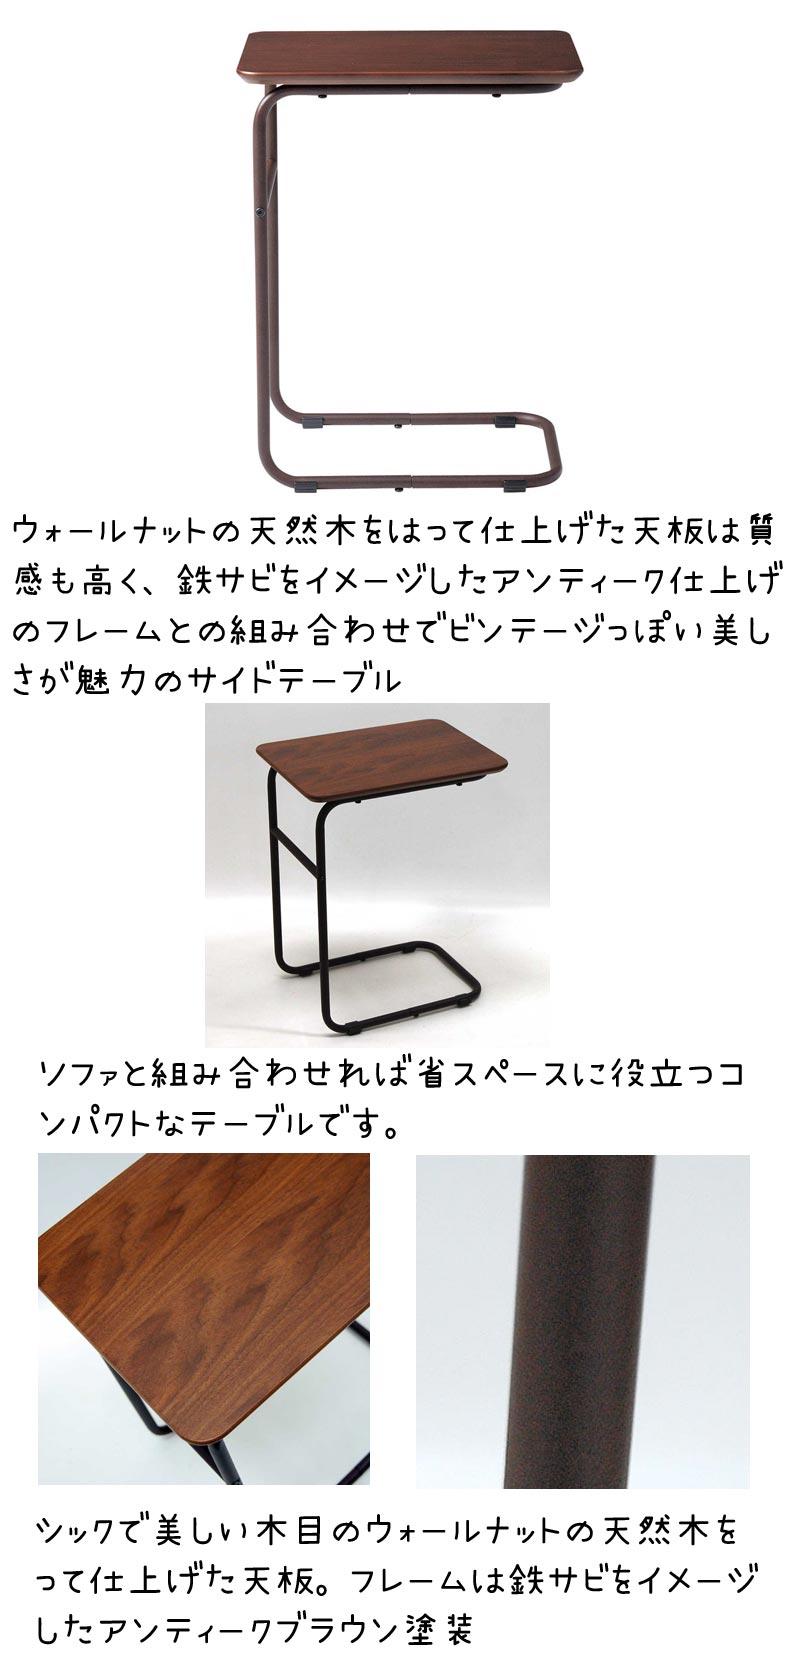 ウォールサイドテーブル商品紹介